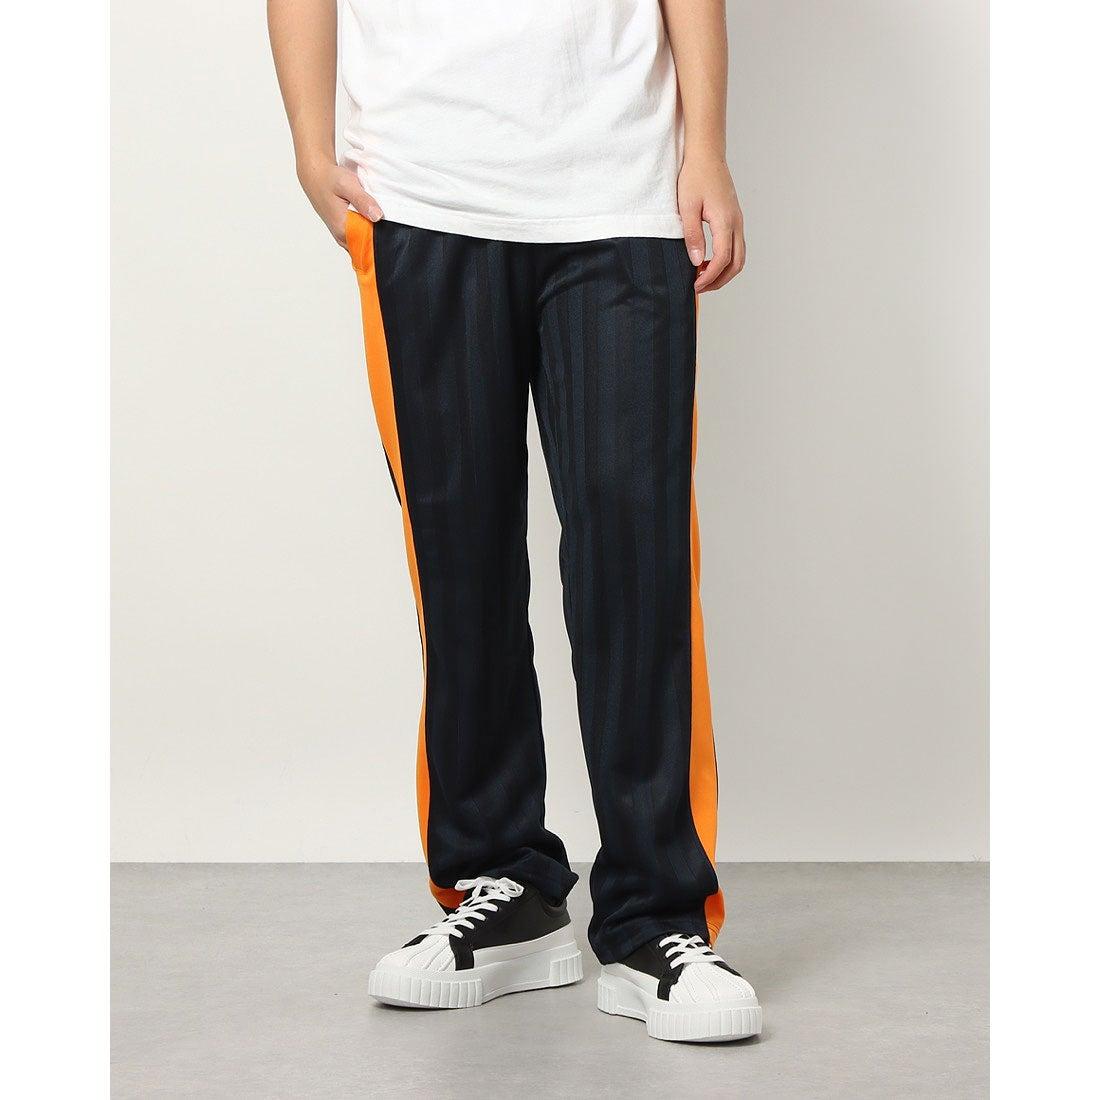 ロコンド 靴とファッションの通販サイトスタイルブロック STYLEBLOCK シャドーストライプジャージパンツ (ネイビー×オレンジ)